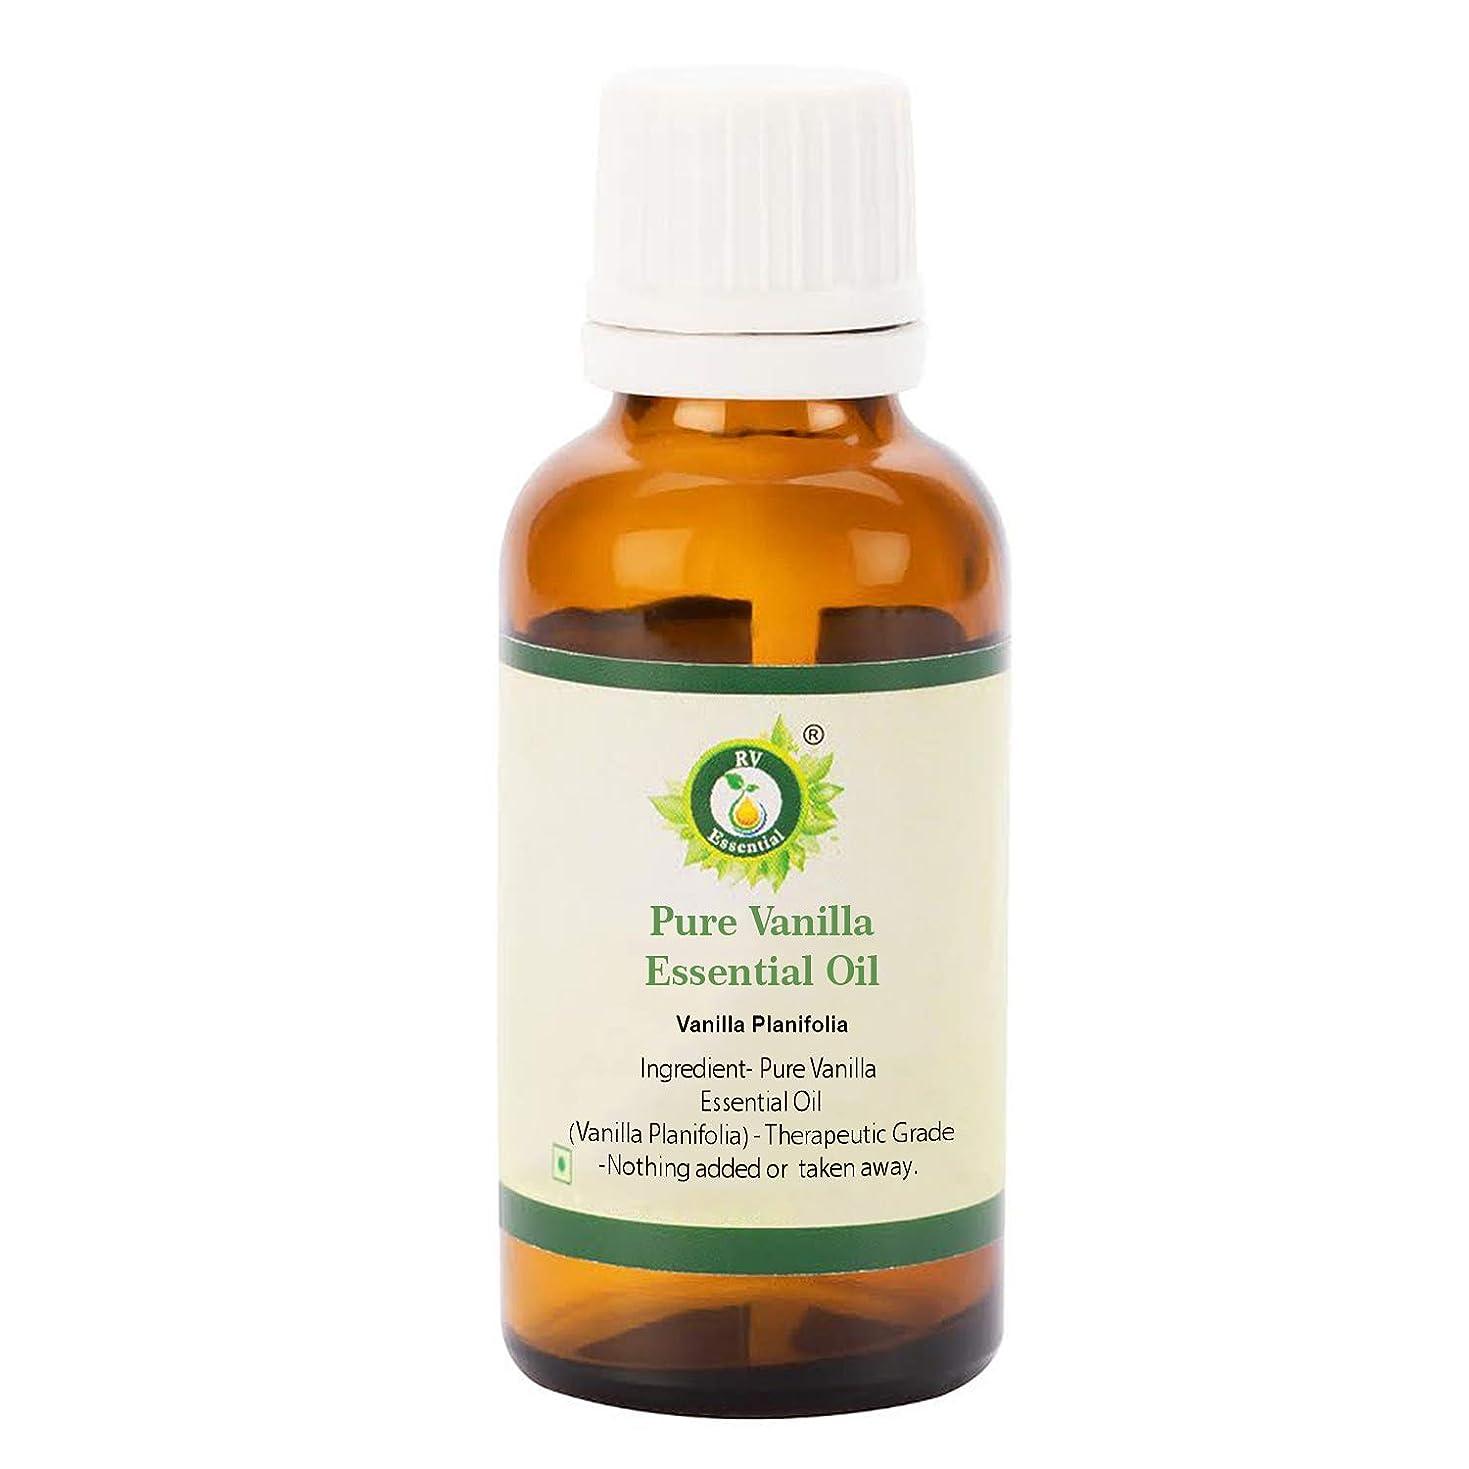 幻想的驚いたことに模索R V Essential ピュアバニラエッセンシャルオイル300ml (10oz)- Vanilla Planifolia (100%純粋&天然) Pure Vanilla Essential Oil